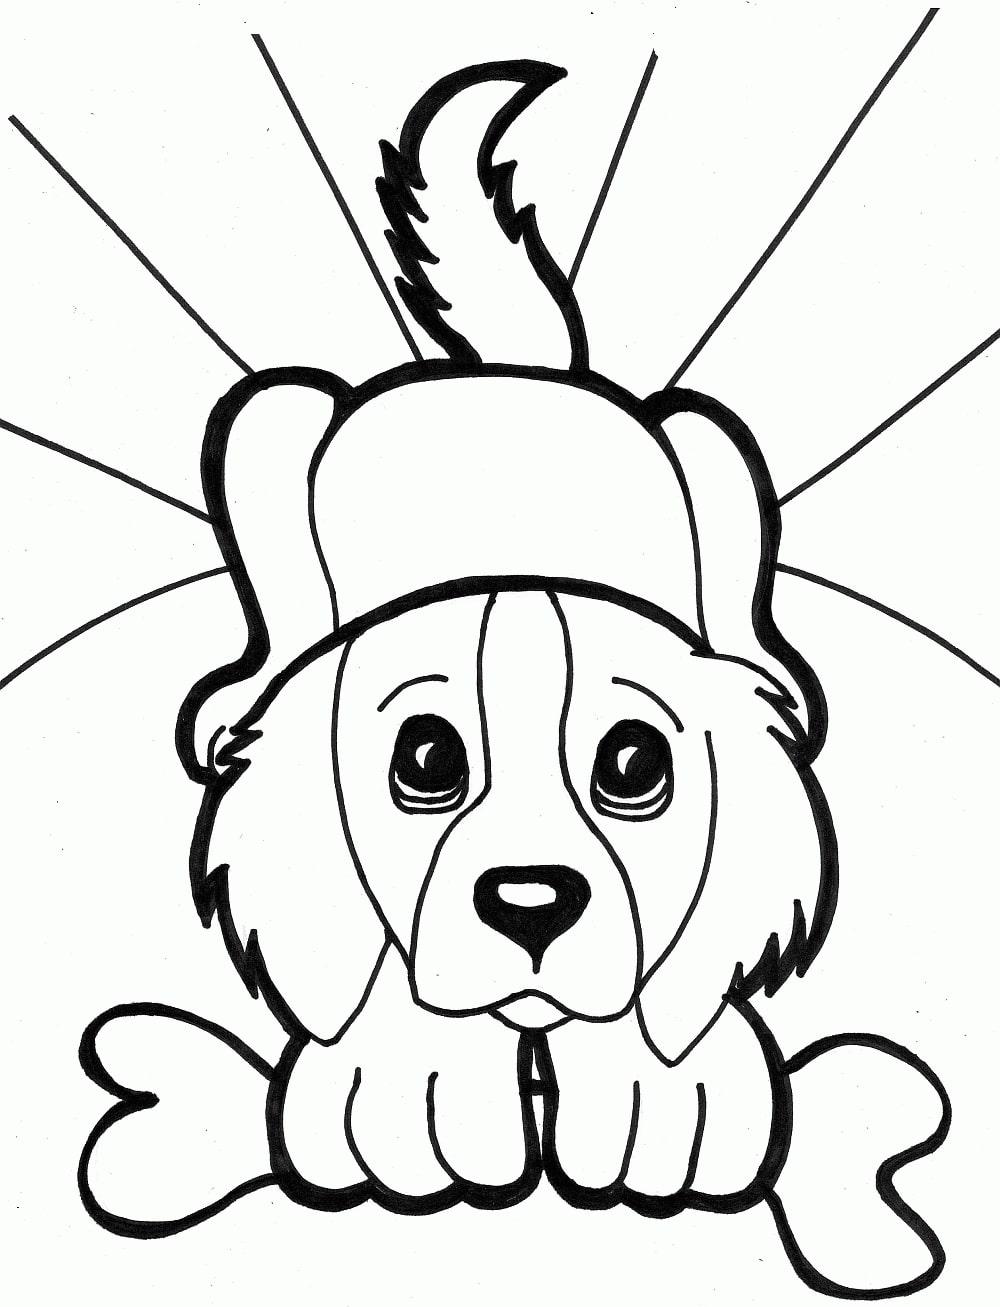 Hunde Malvorlagen für Kinder Drucken Sie online kostenlos!